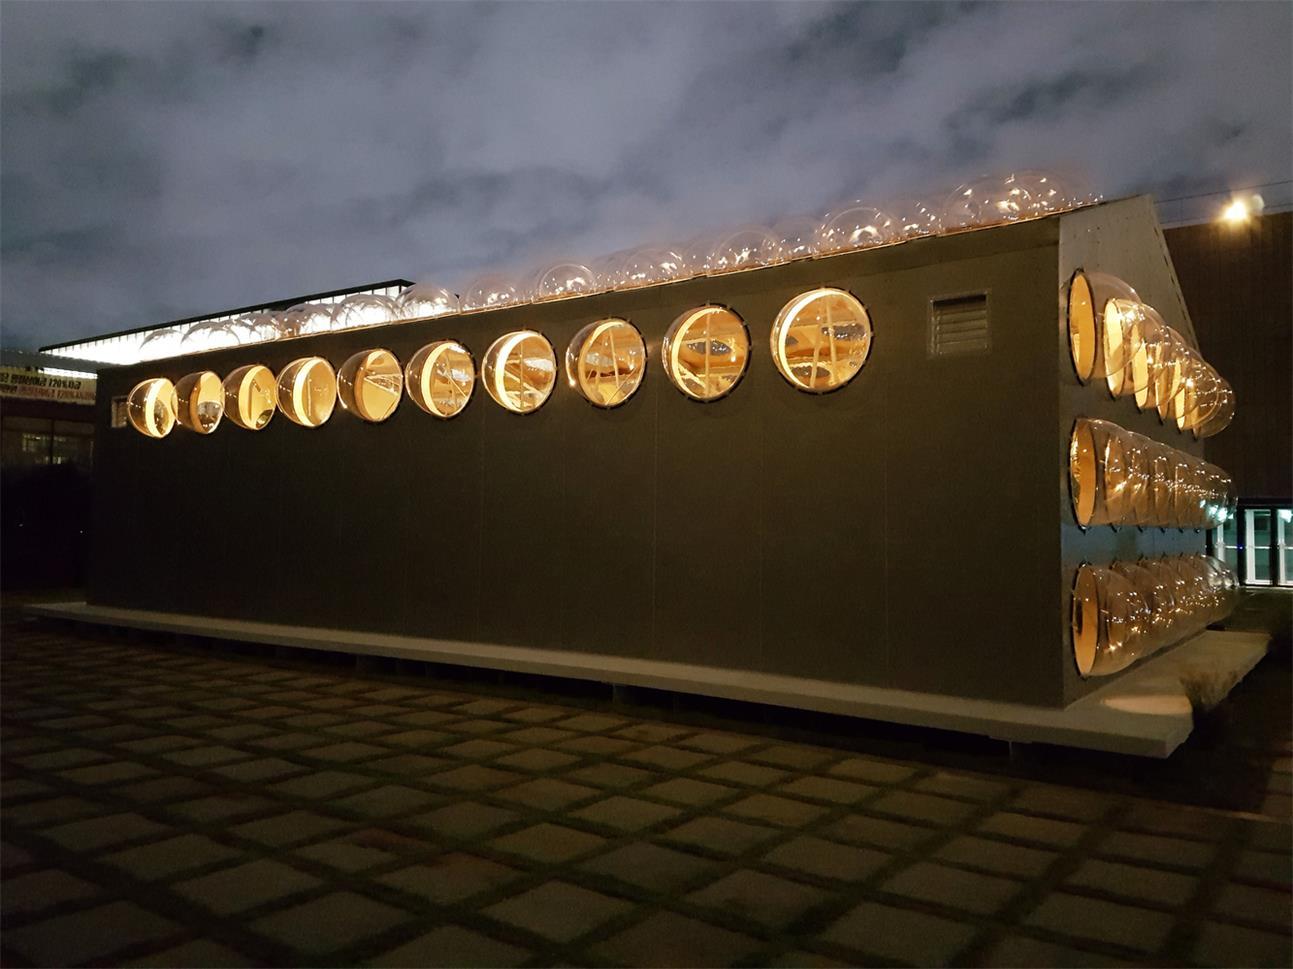 傍晚艺术装置外立面的场景